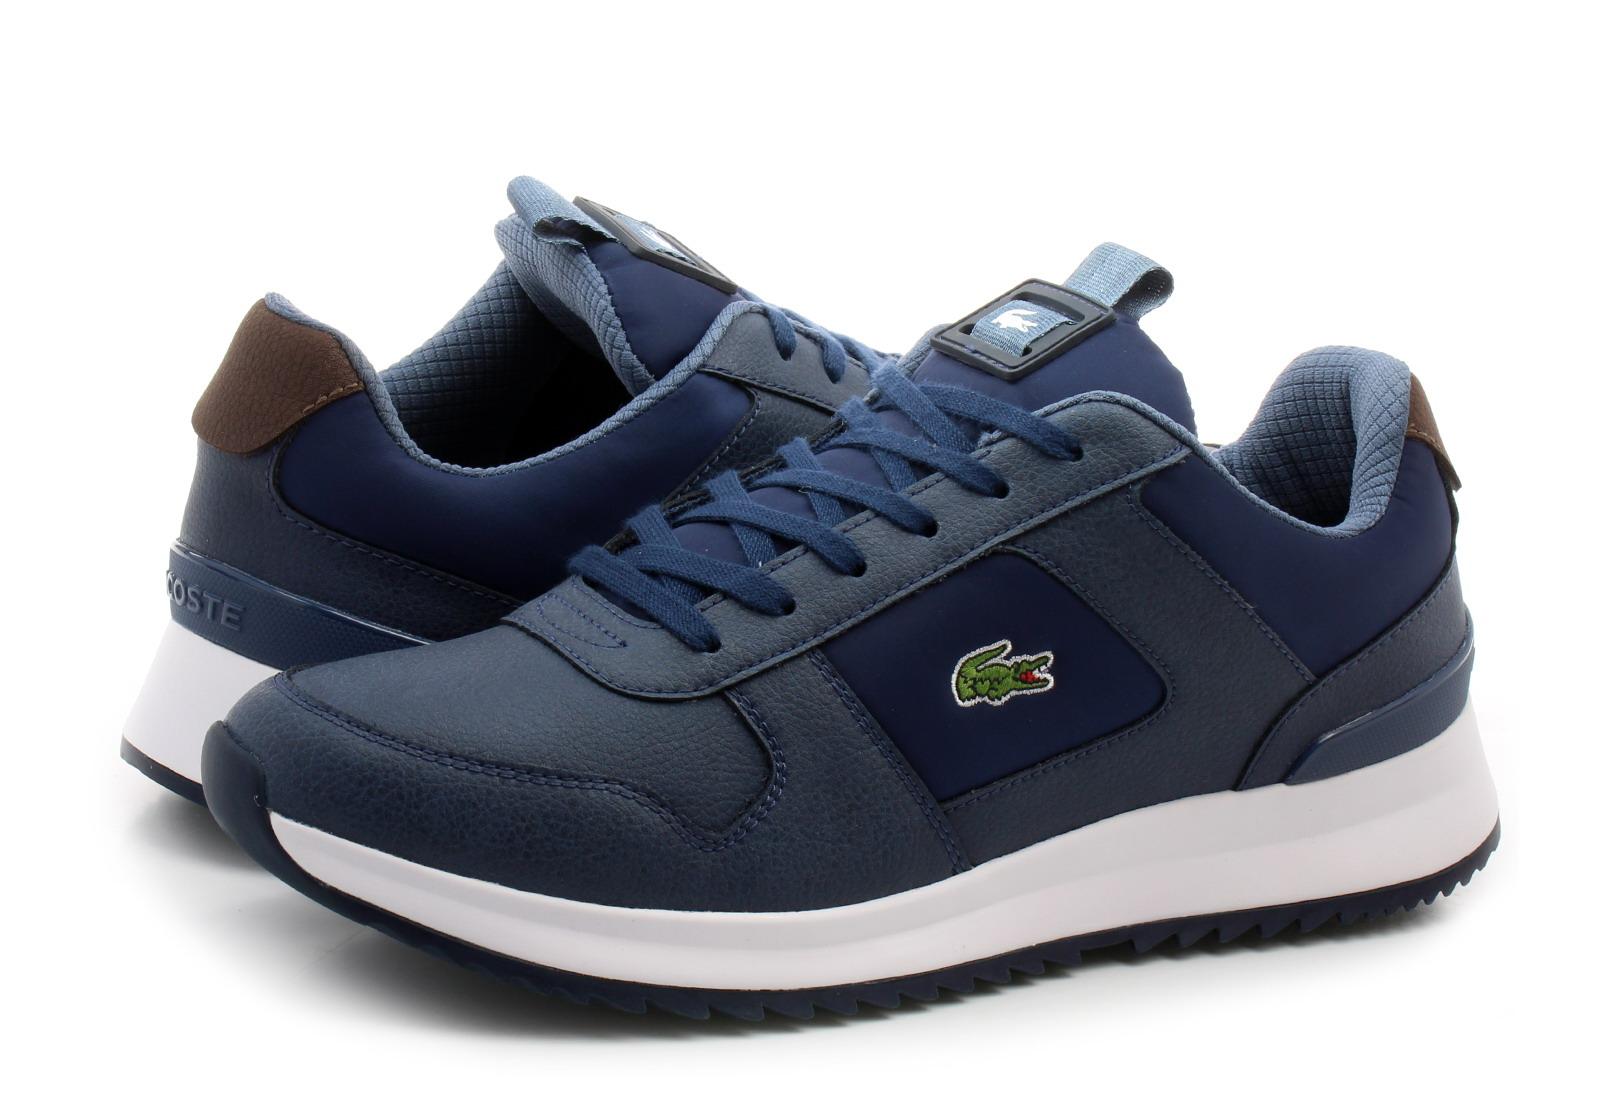 Lacoste Cipő - Joggeur 2.0 - 183SPM0022-ND1 - Office Shoes ... 6f2e9a0852